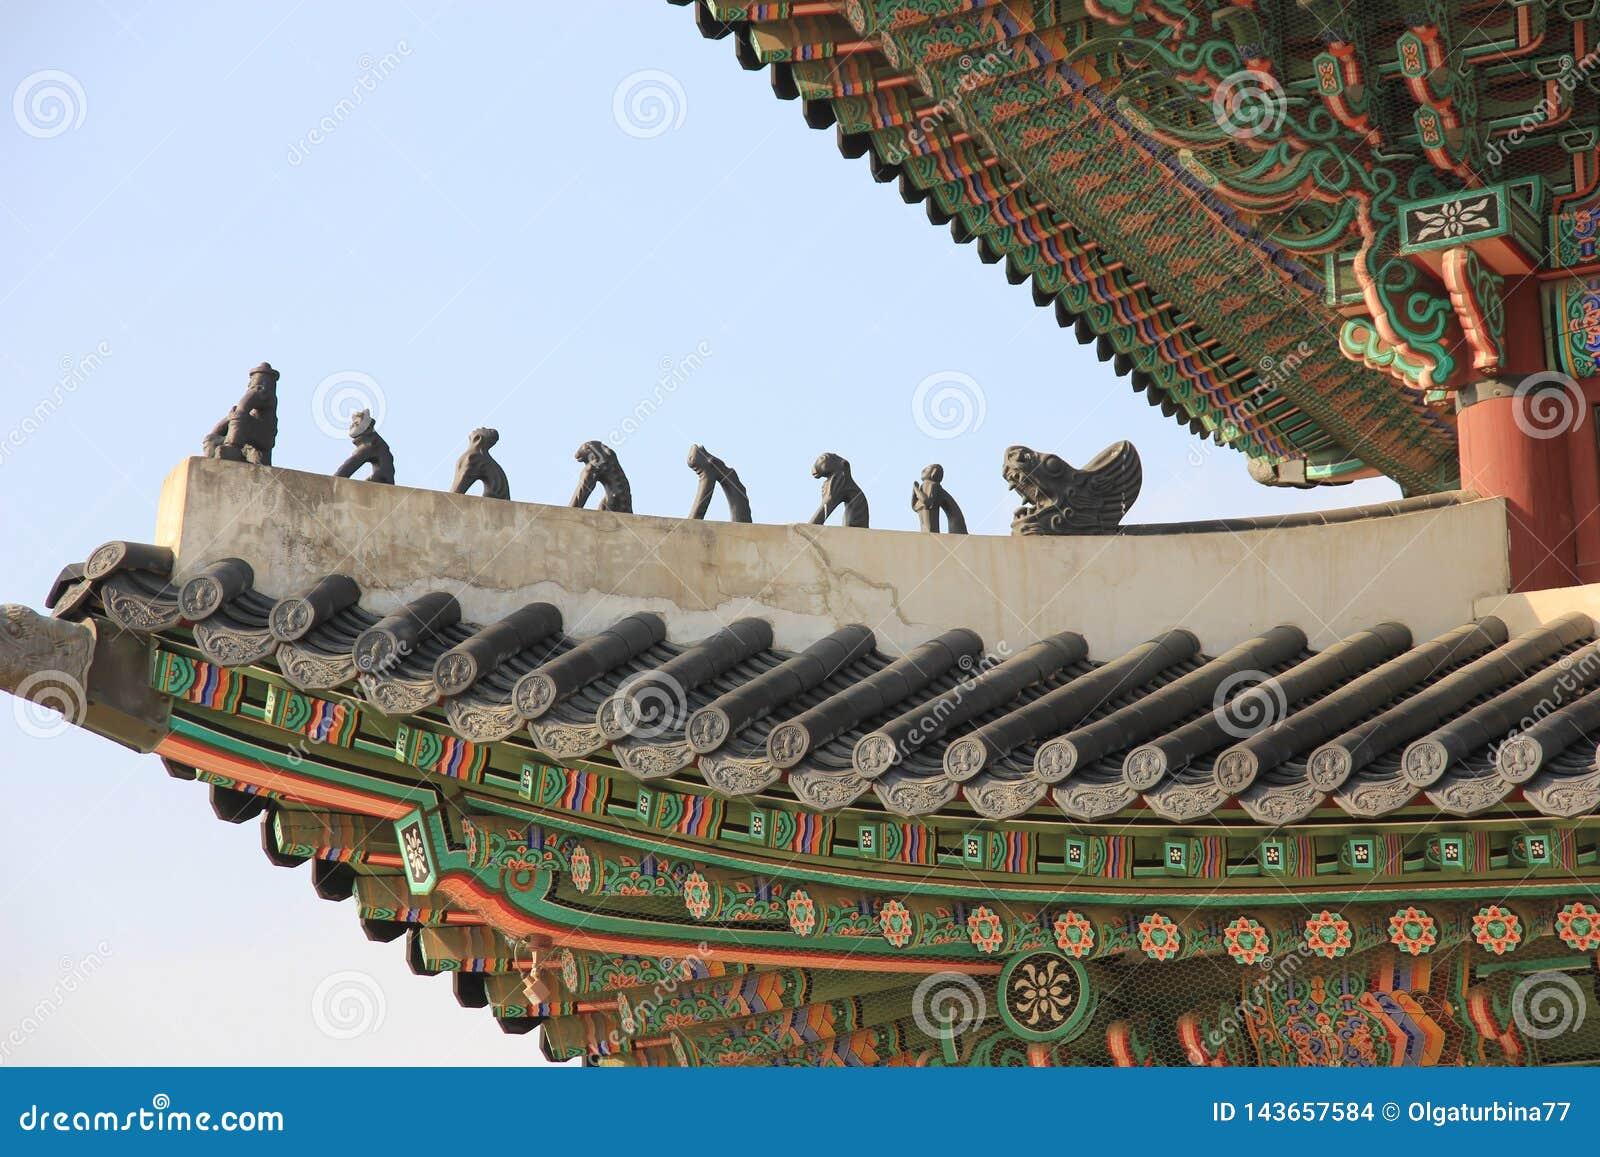 Palácio de Gyeongbokgung, telhado tradicional coreano, figuras de Japsang, Seoul, Coreia do Sul